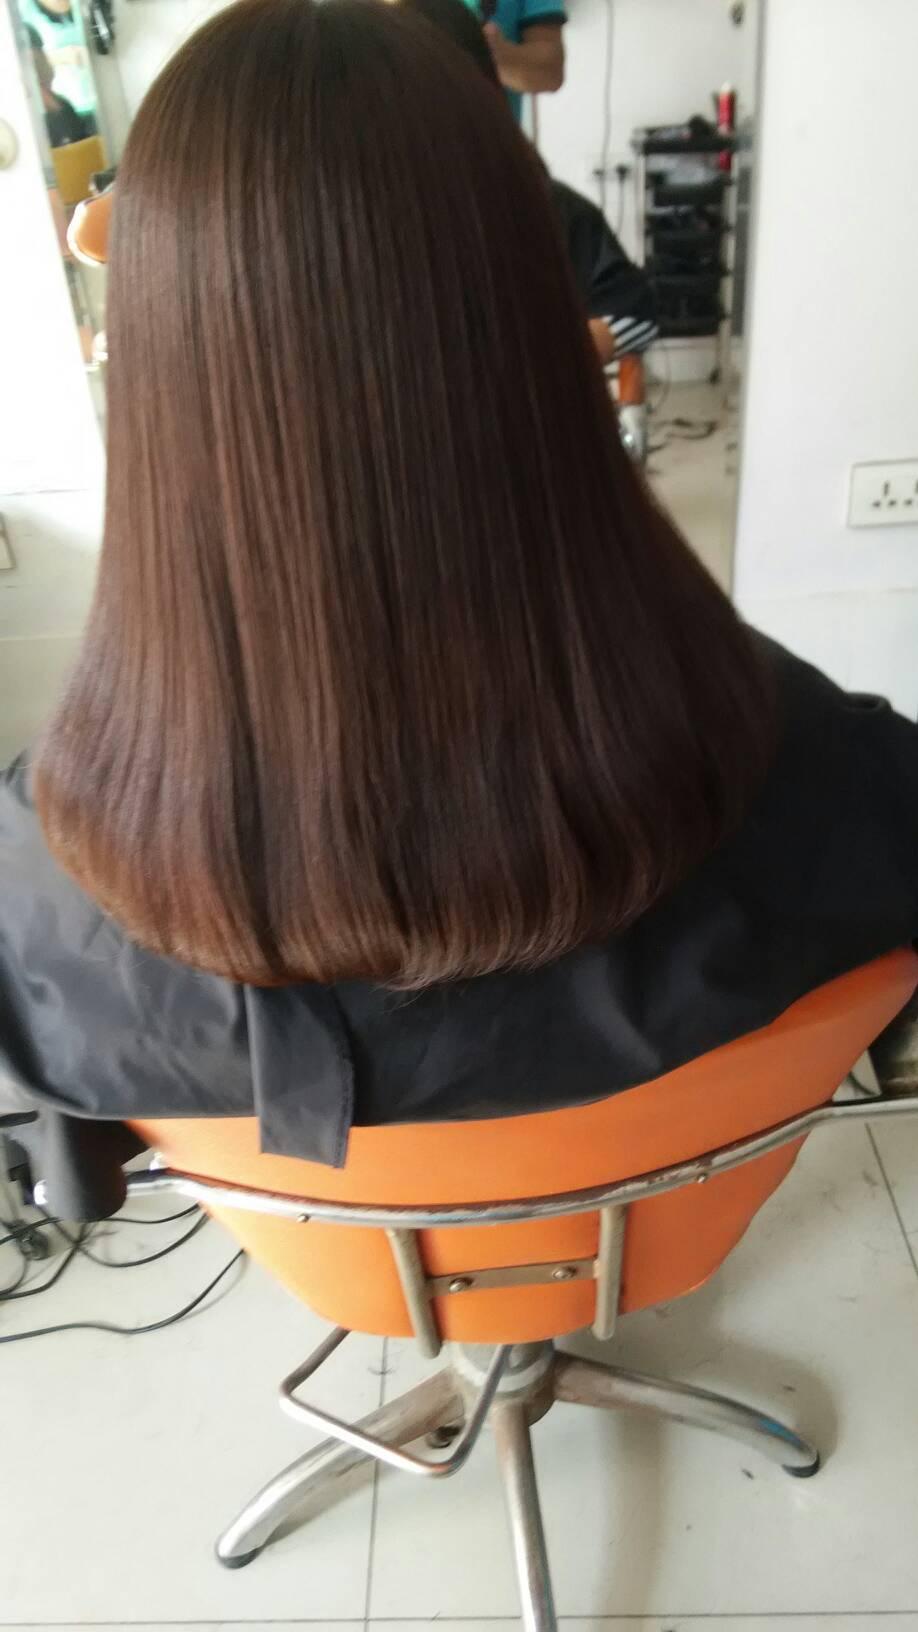 这种发型是内扣还是直发?图片